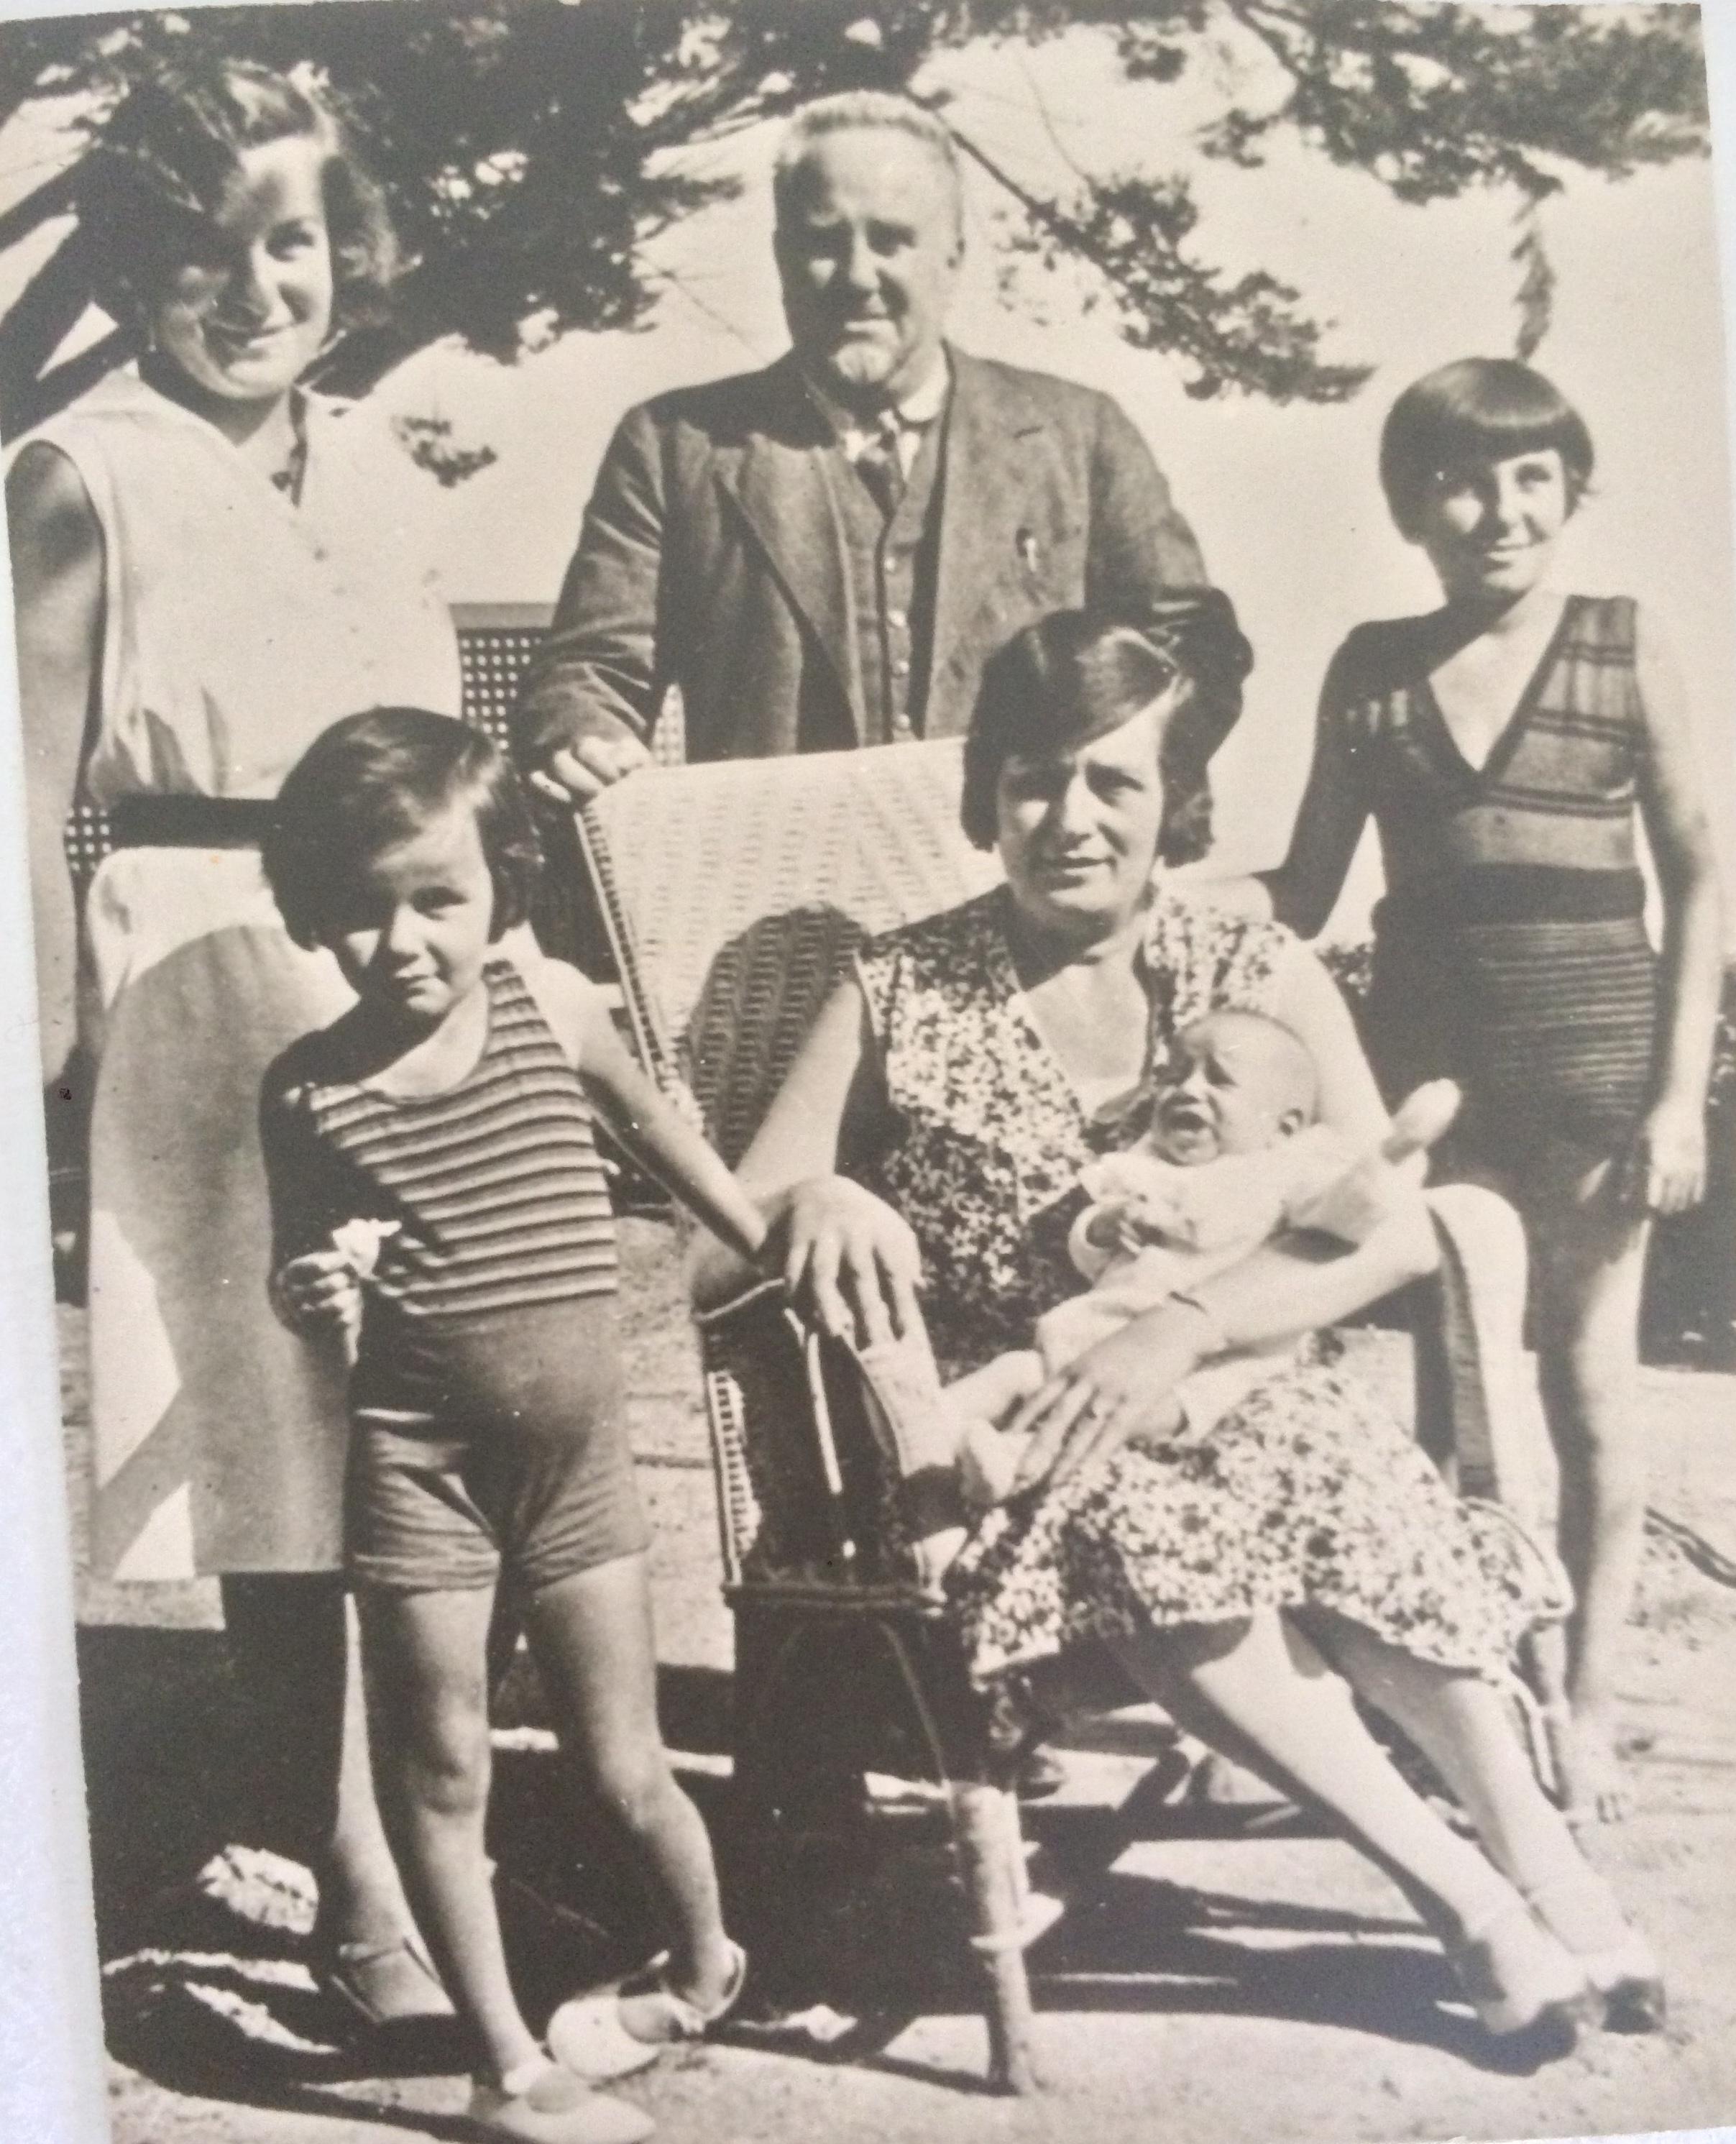 Famille BERHEIM devant l'Hôtel de la Plage et du Golf 1930  © collection particulière En haut de gauche à droite : Jacqueline, Roger, Huguette En bas de gauche à droite : Nicole, Germaine et dans les bras de Germaine, Claude